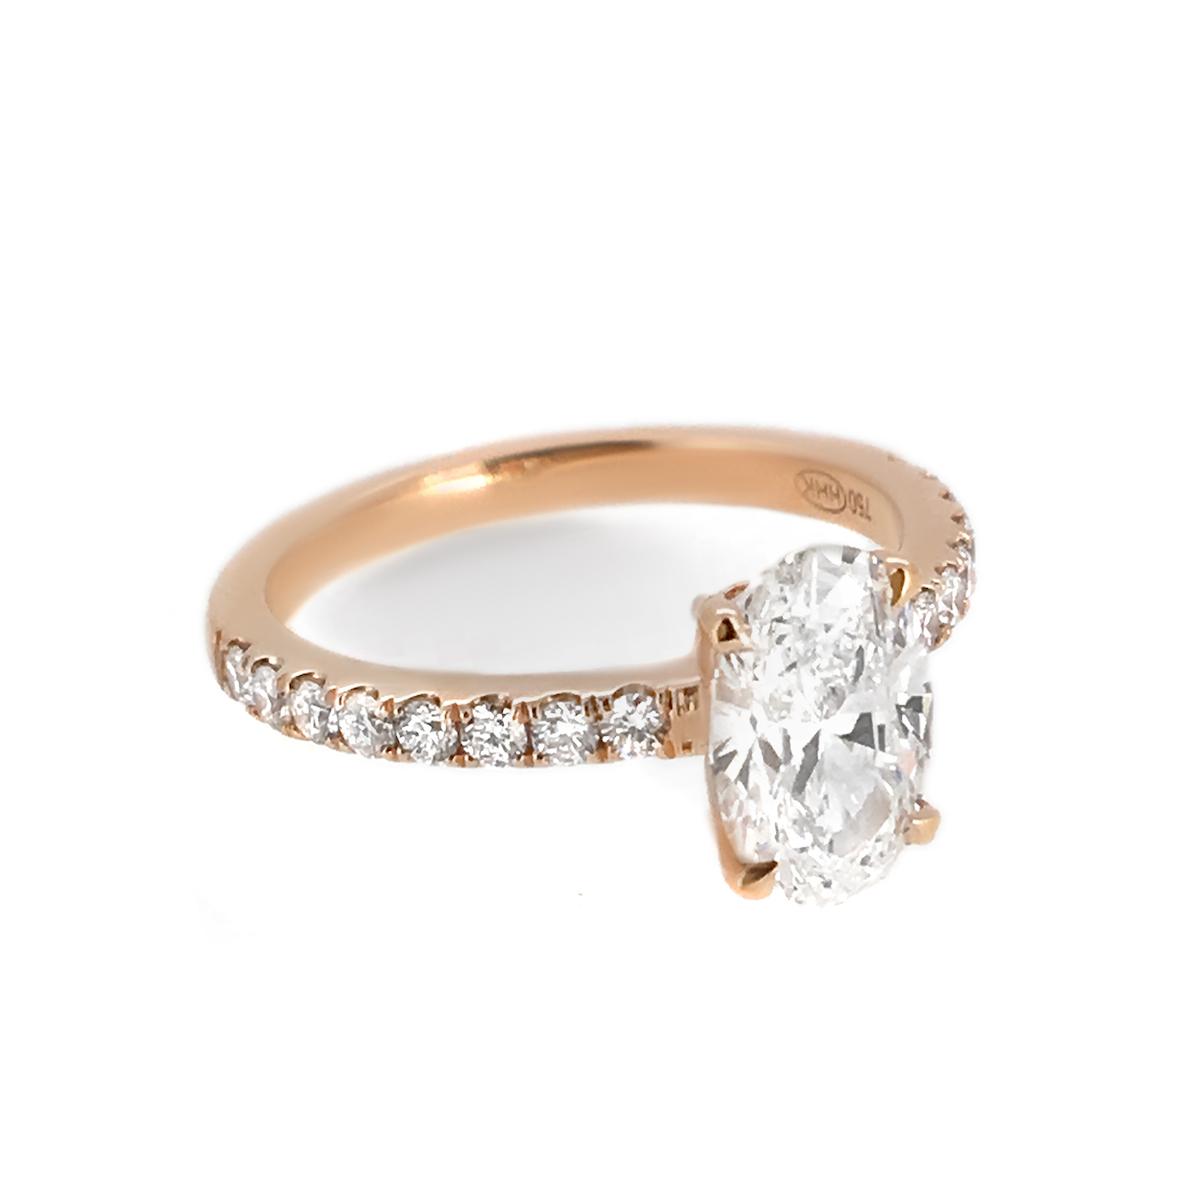 Oval Diamond Engagement Ring - Haywards of Hong Kong